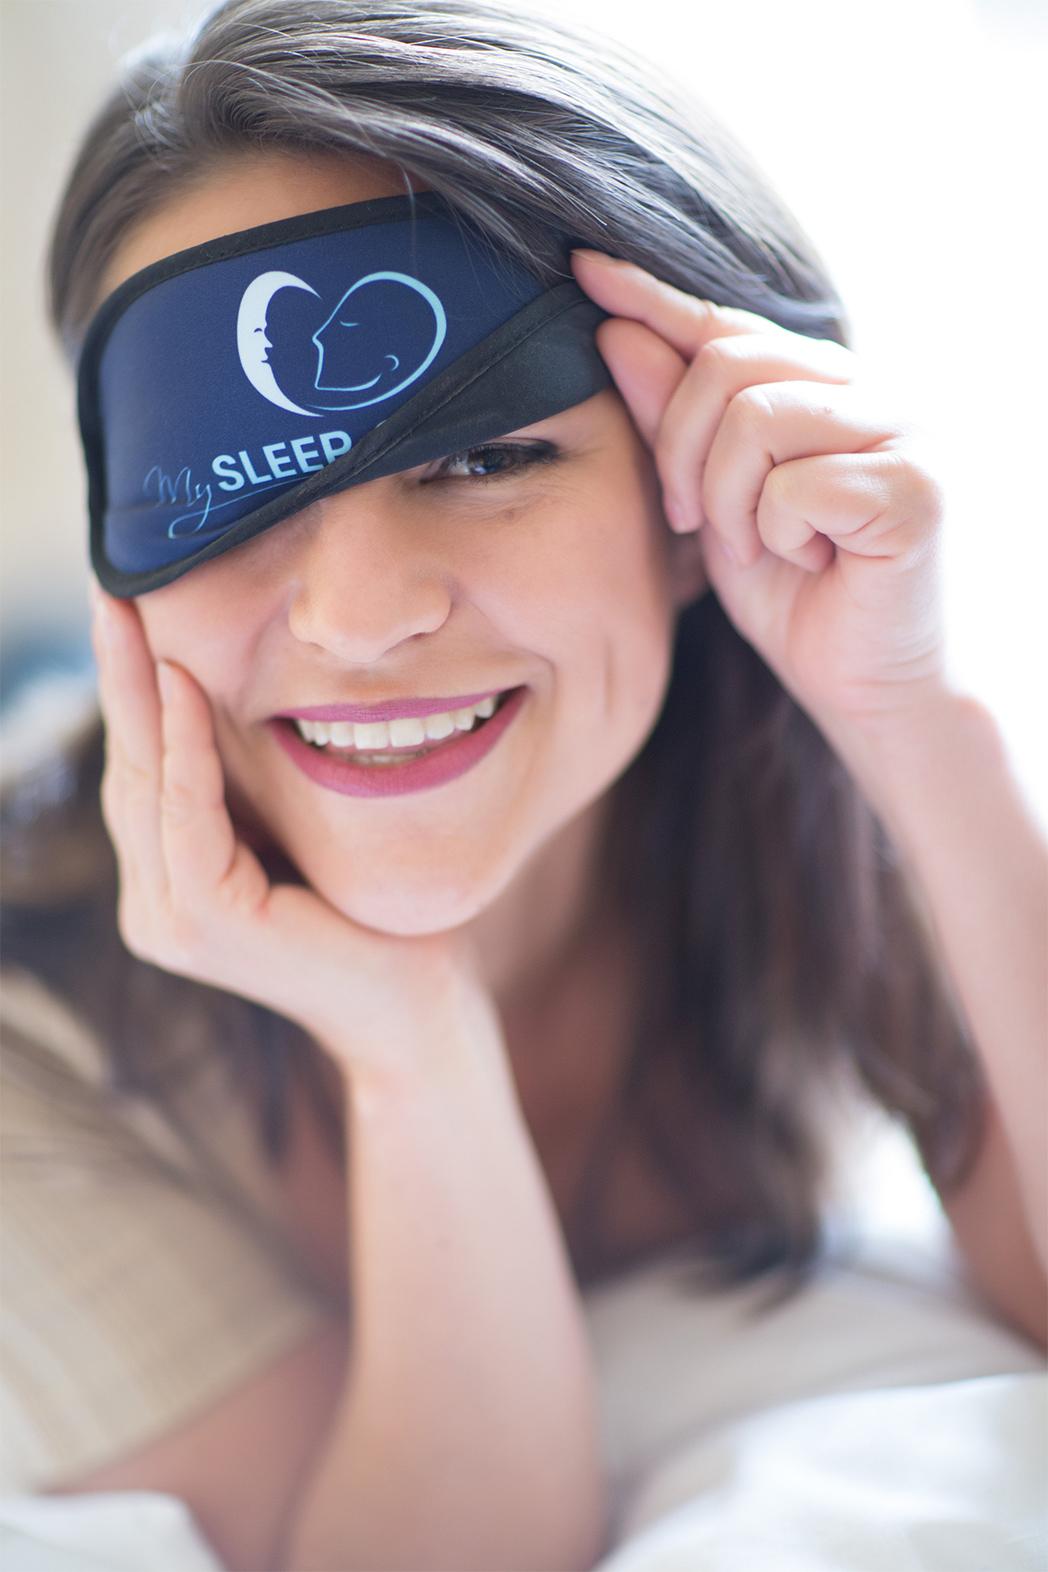 Smile Sleep Mask - My Sleep Coach